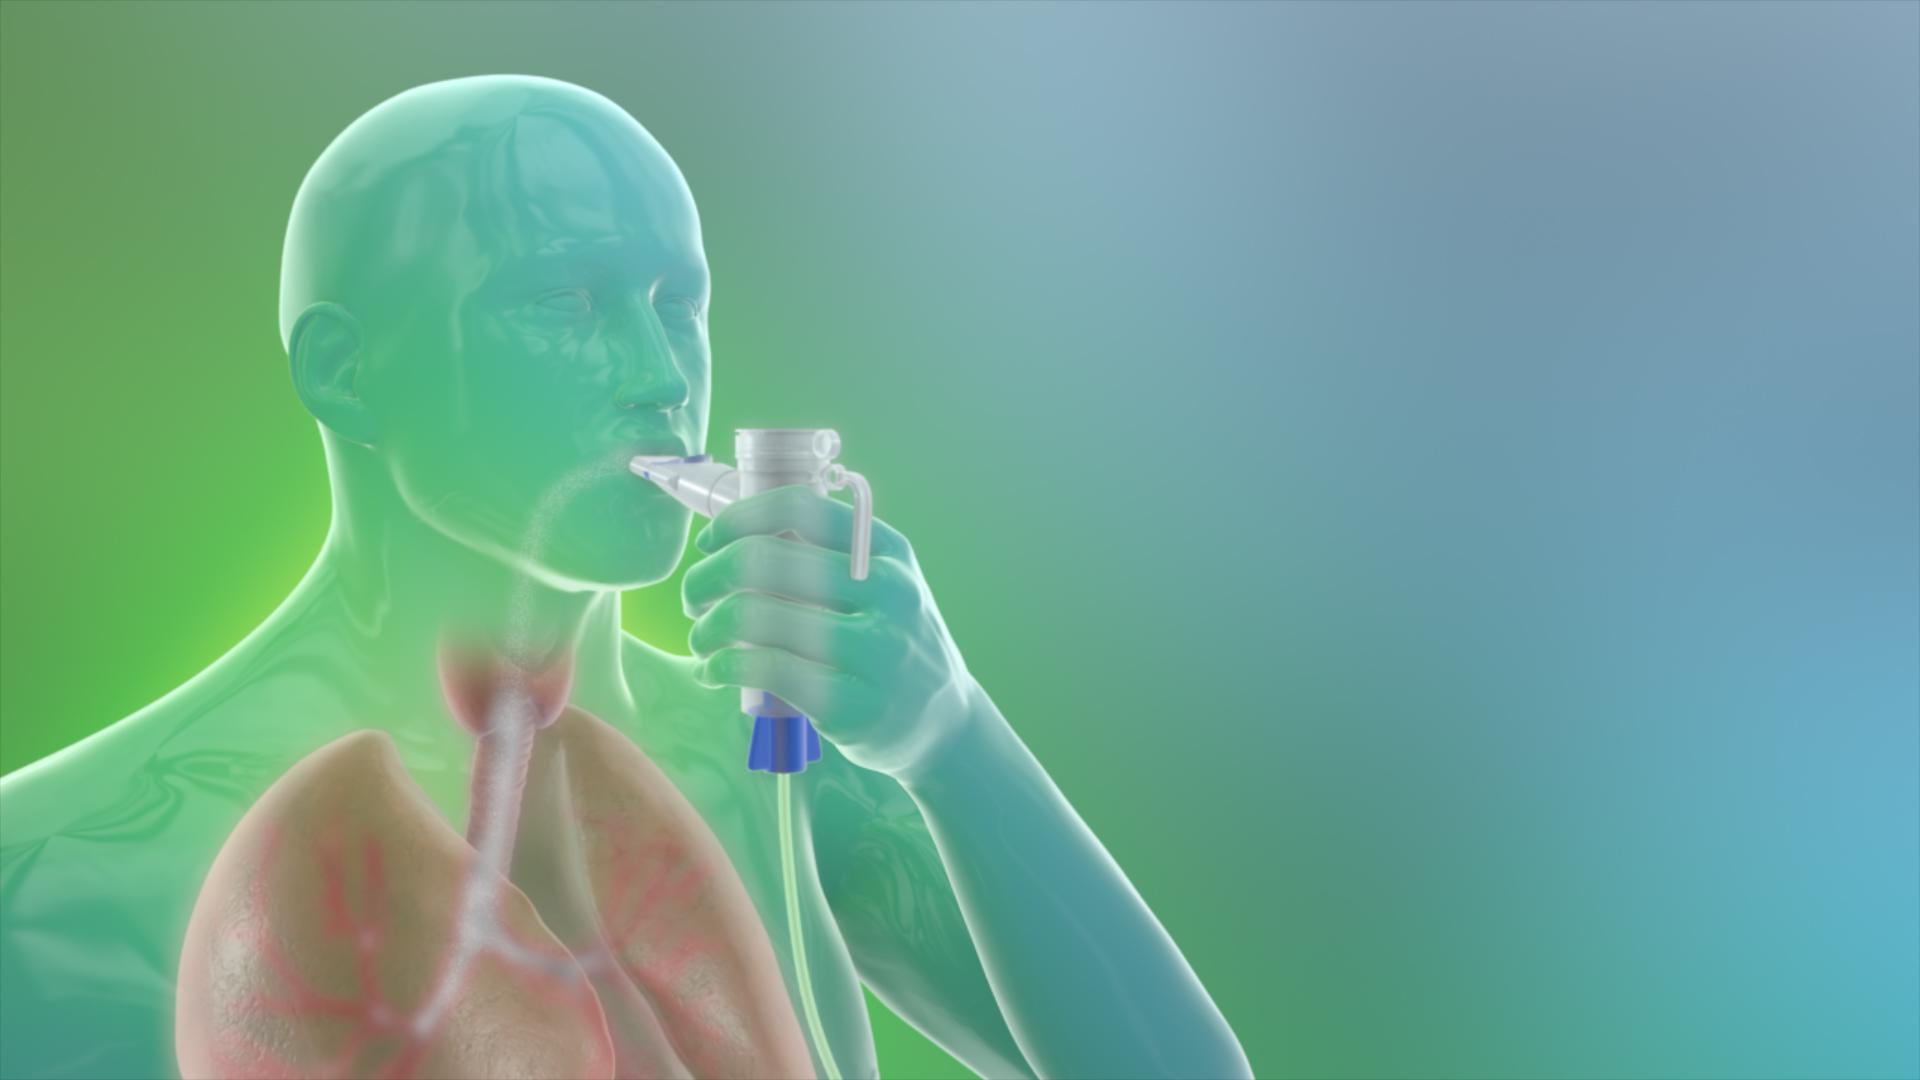 glassman_inhaler_airway_rm